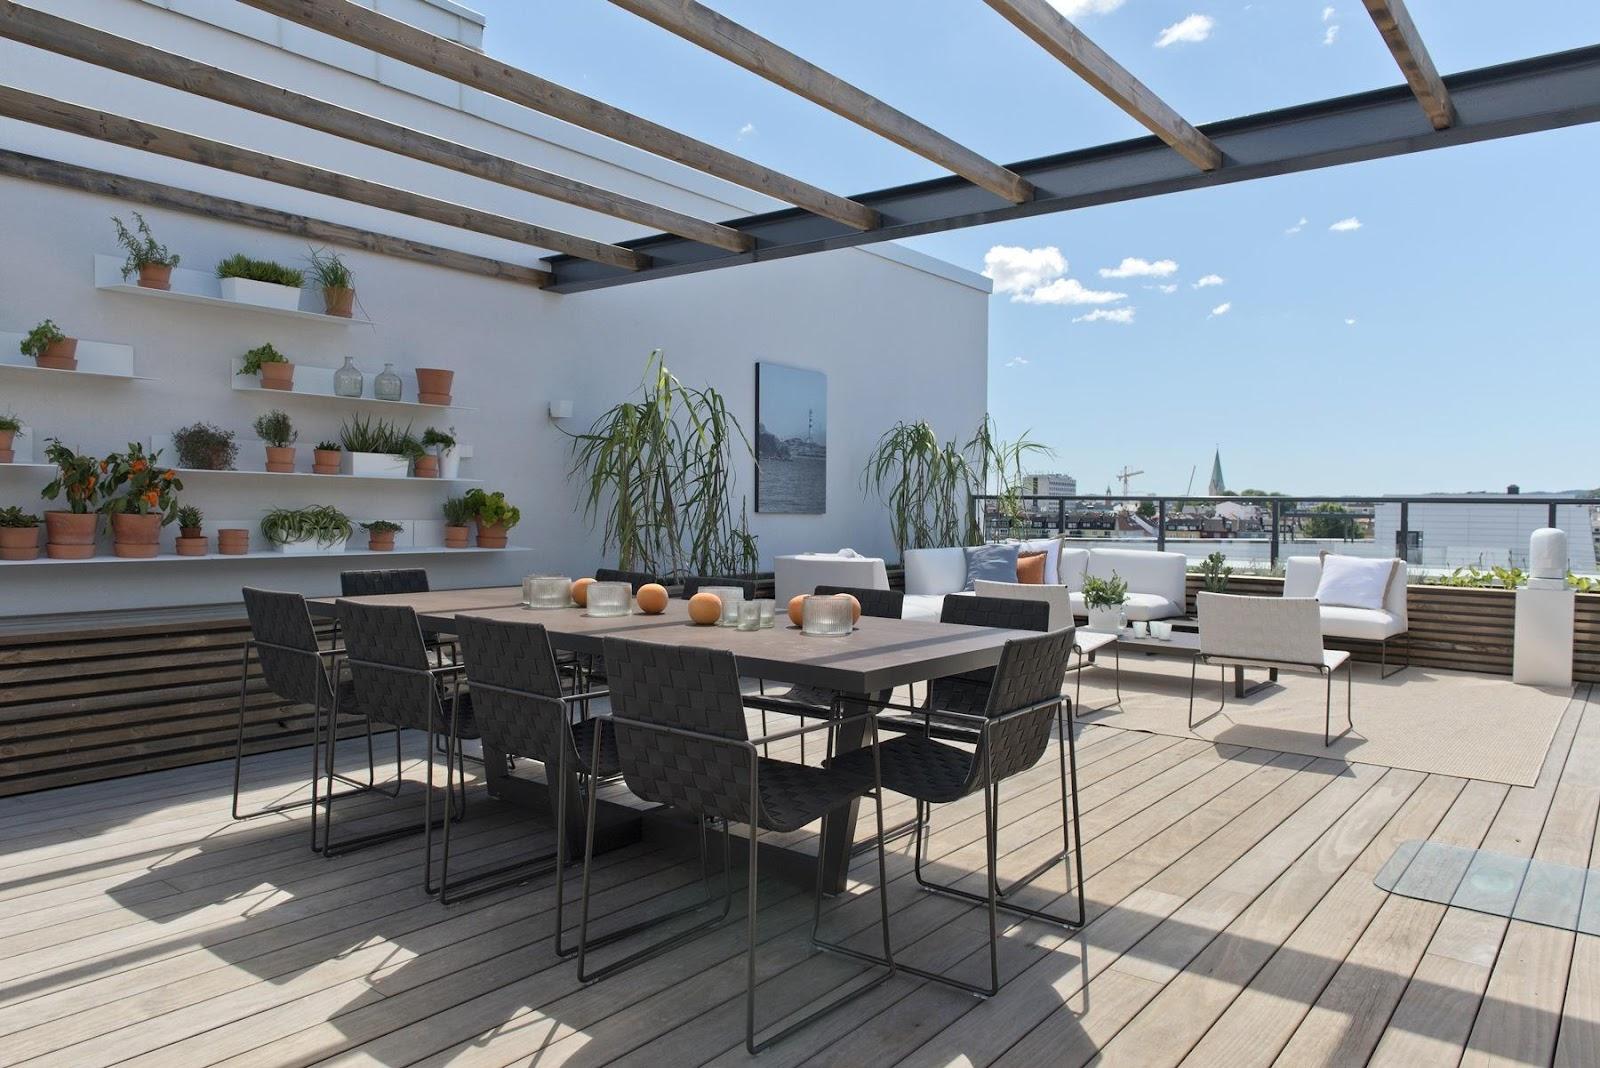 Adaptez la terrasse aux besoins de la famille : Cette terrasse privée a des lames de terrasse en bois Kebony Clear qui ne demandent aucun entretien. Photo : Jacob Buchard.